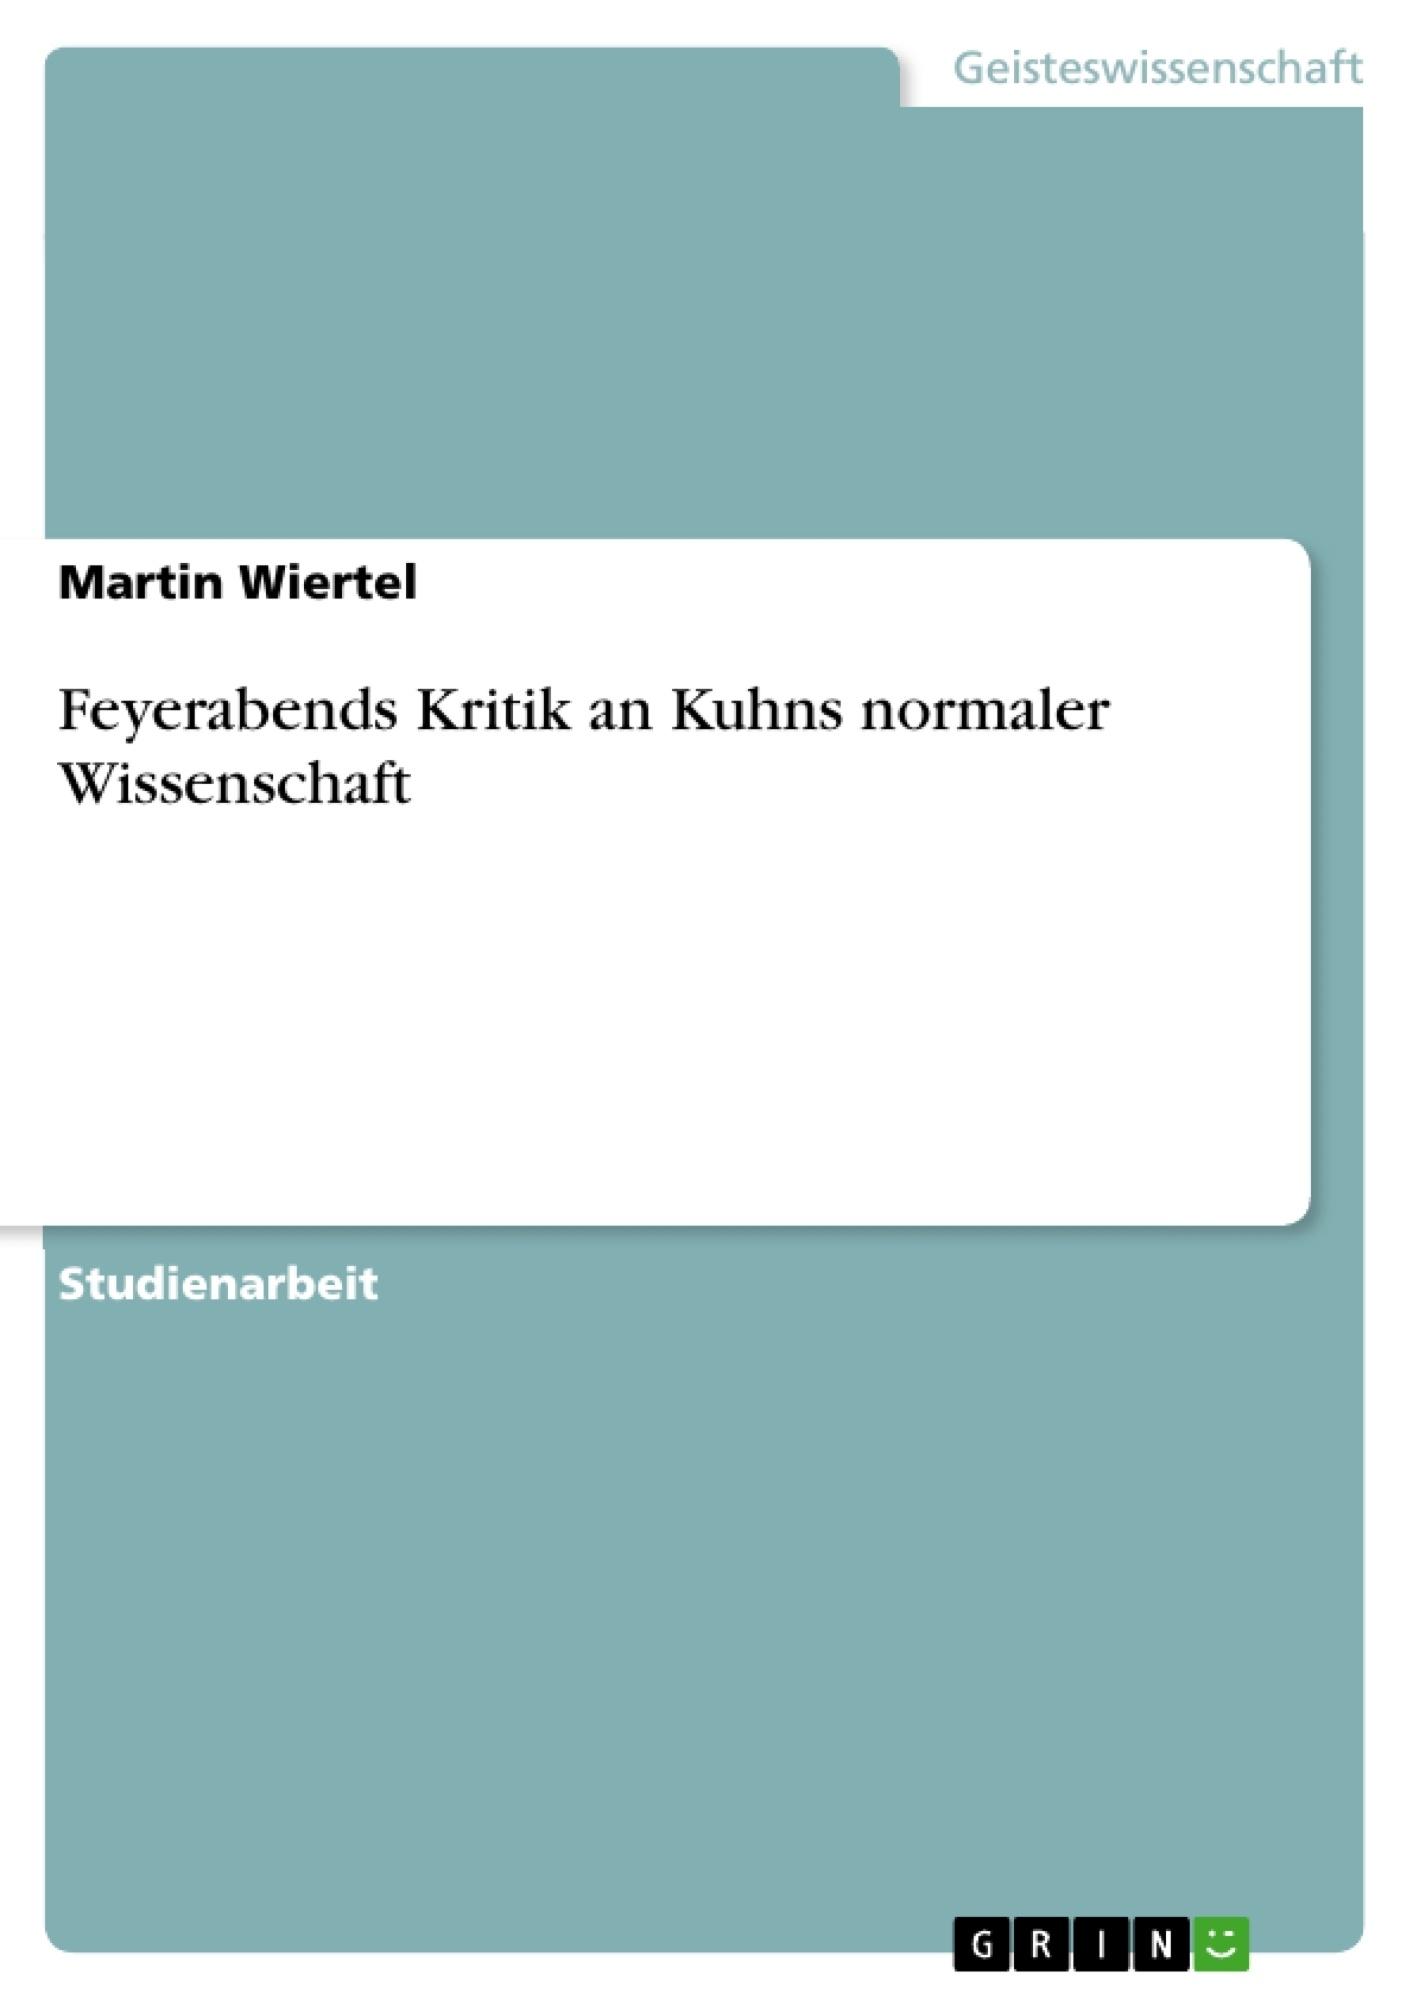 Titel: Feyerabends Kritik an Kuhns normaler Wissenschaft